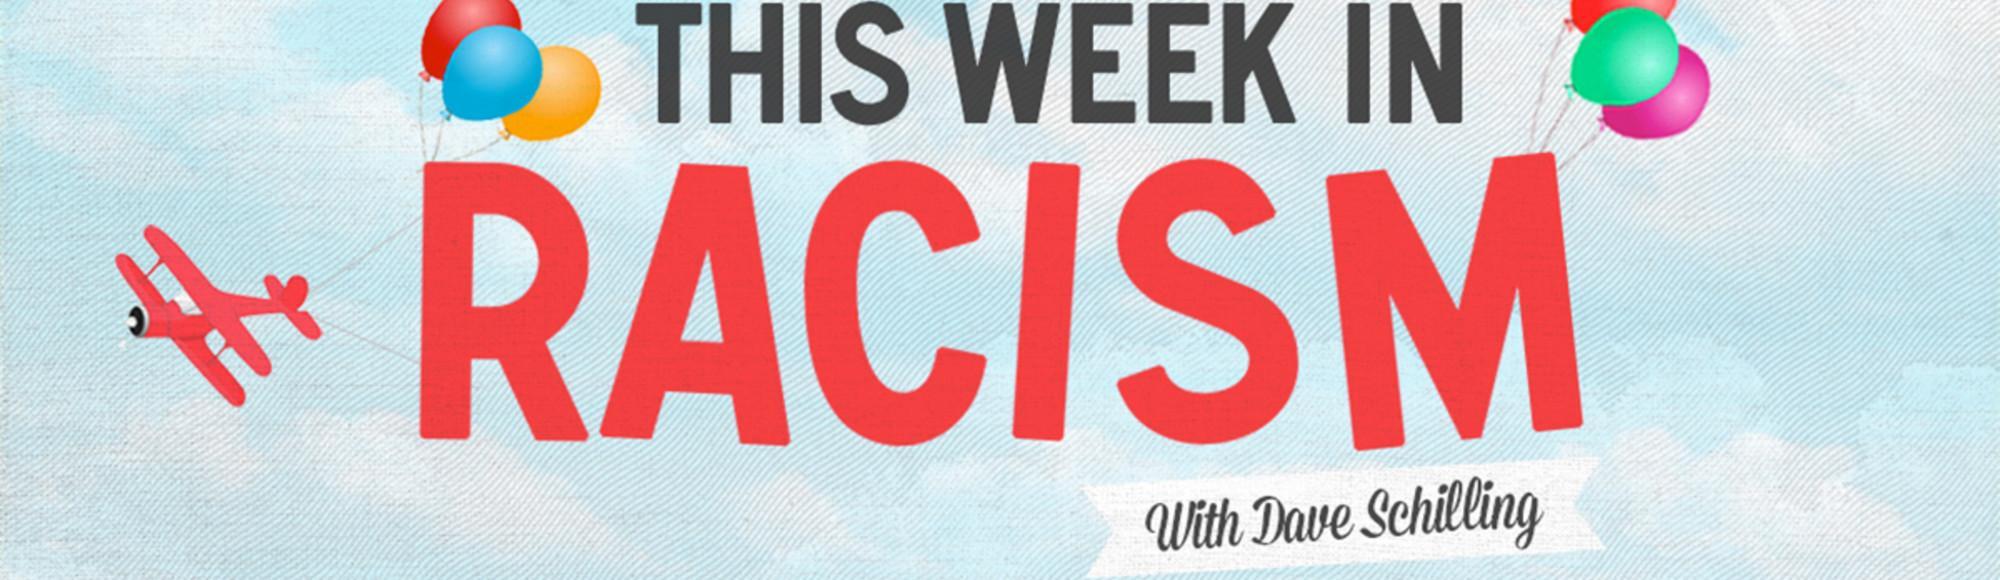 This Week in Racism